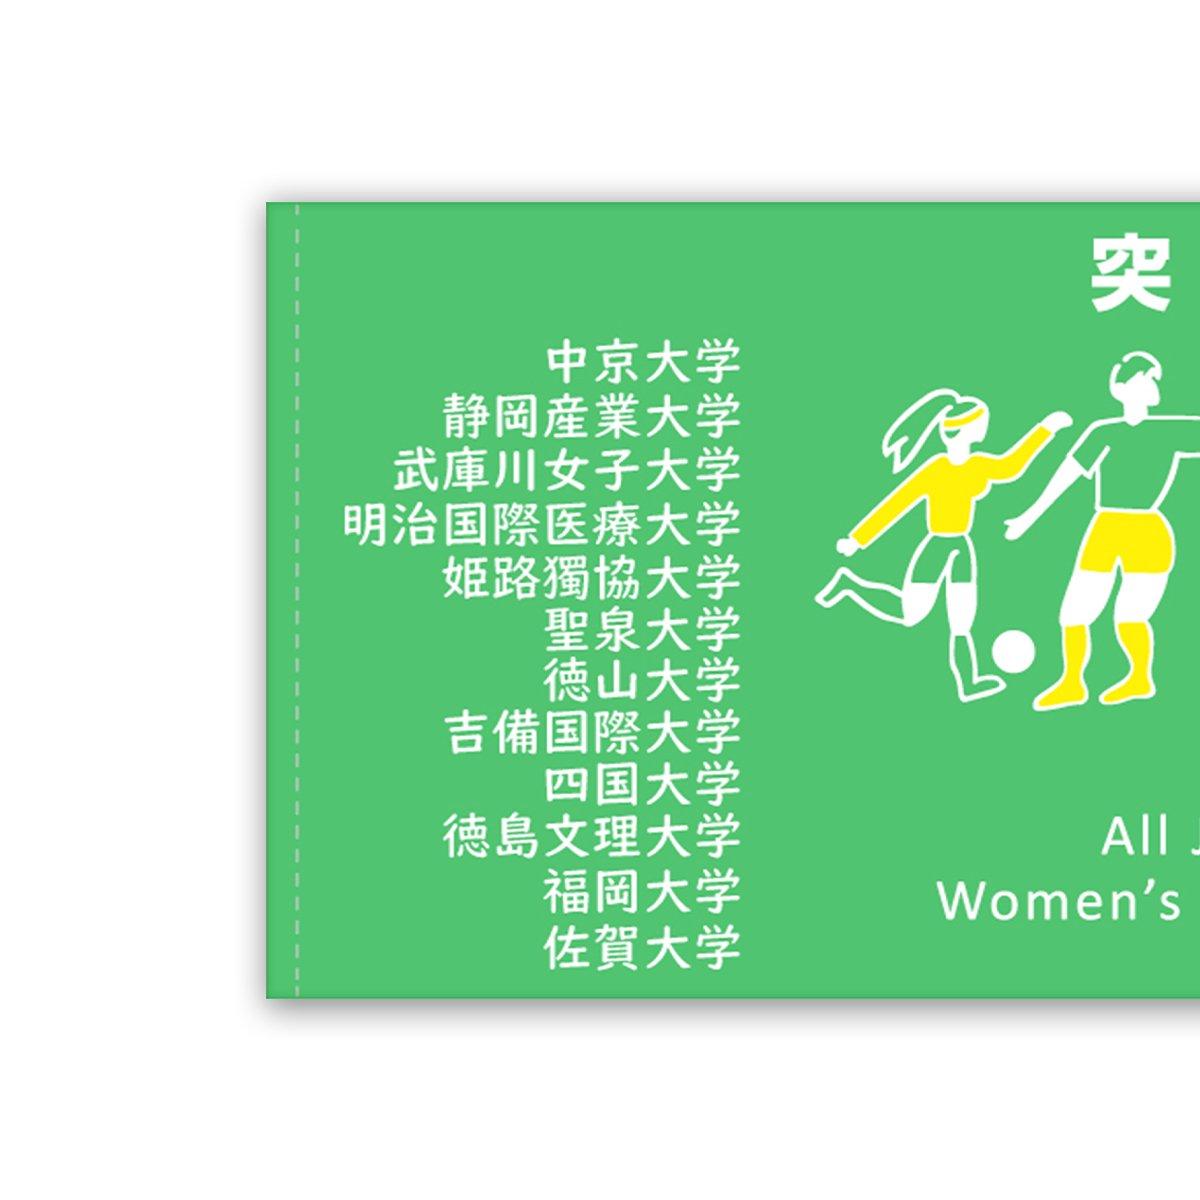 第29回全日本大学女子サッカー選手権大会 オフィシャル記念タオル